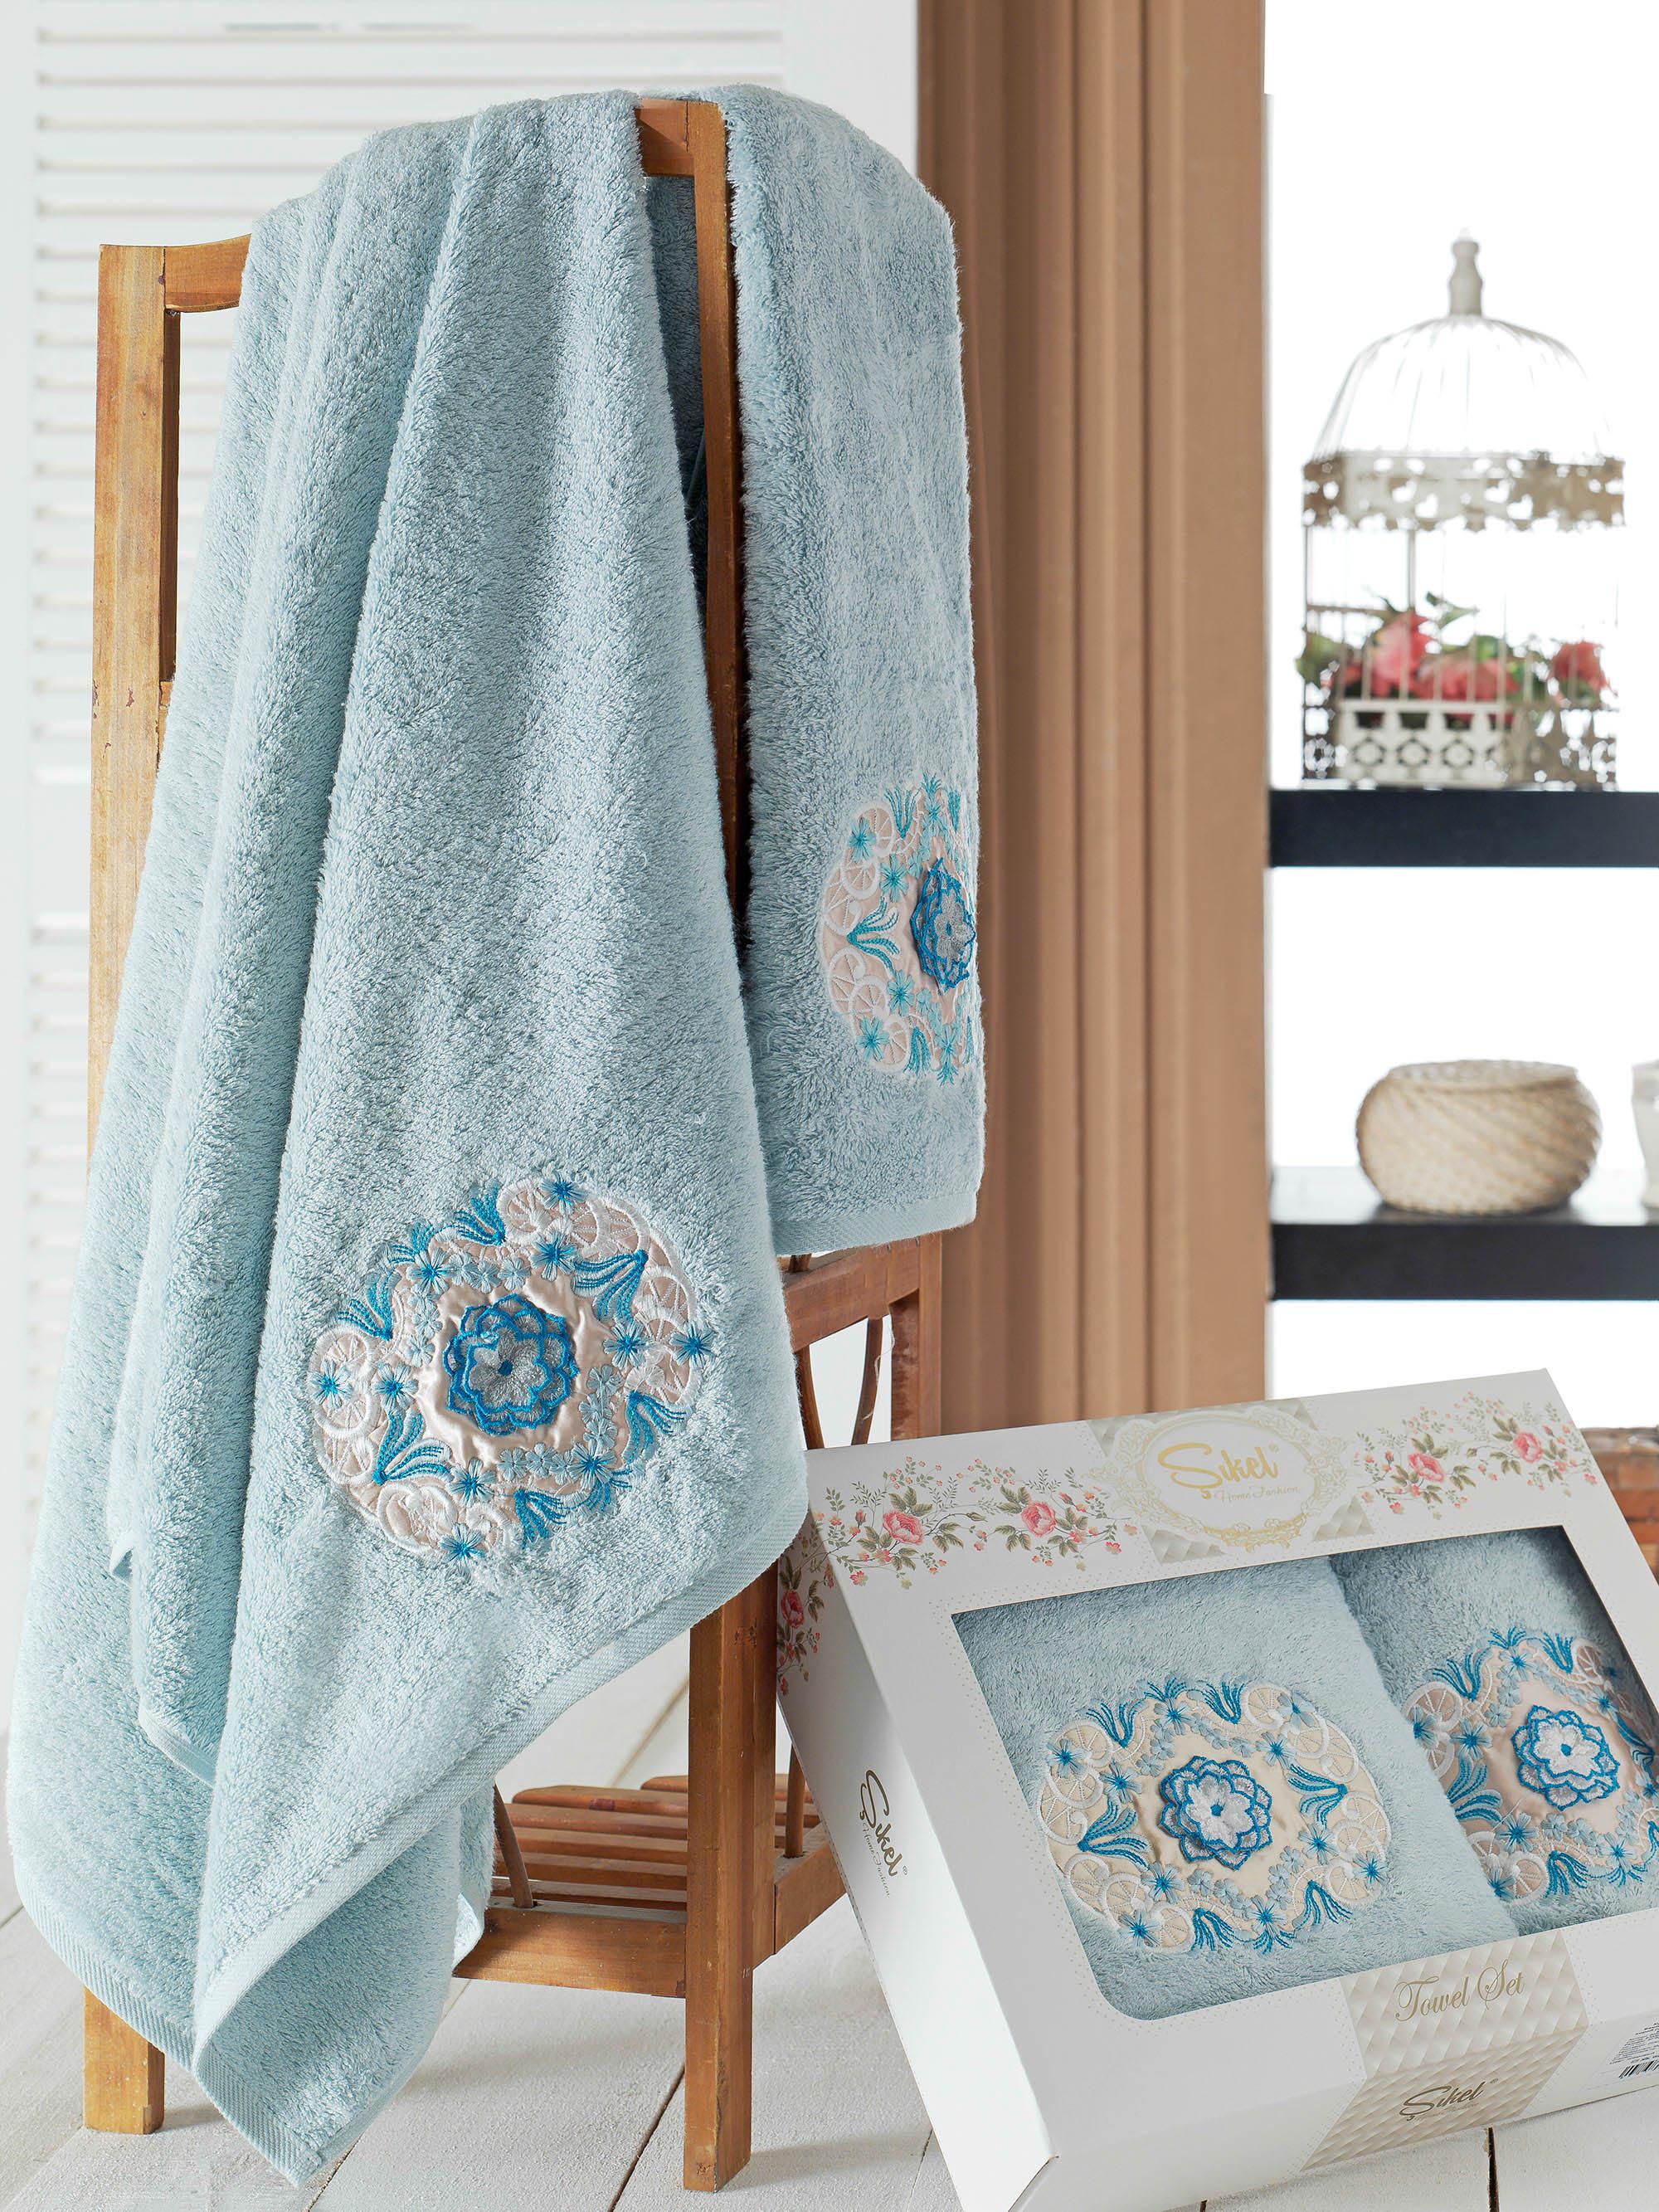 Полотенца Sikel Набор из 2 полотенец Kamelya Цвет: Голубой голубой kvadrro м 50х90 70х130 в коробке набор полотенец фиеста